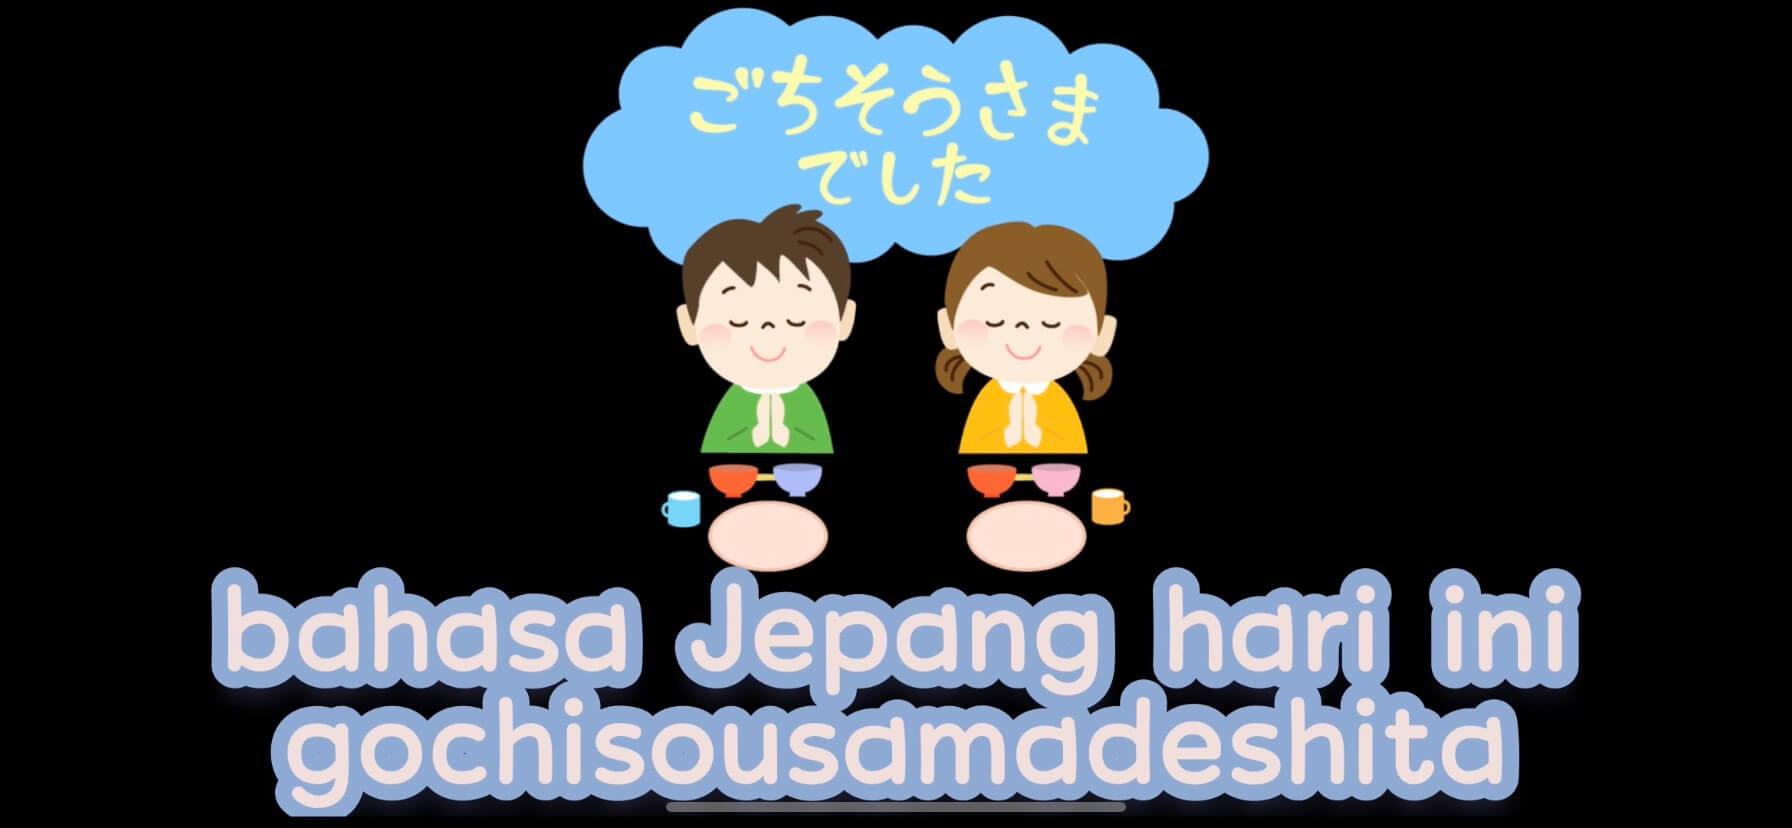 Gochisousamadeshita (Diucapkan ketika selesai makan) – Belajar Bahasa Jepang